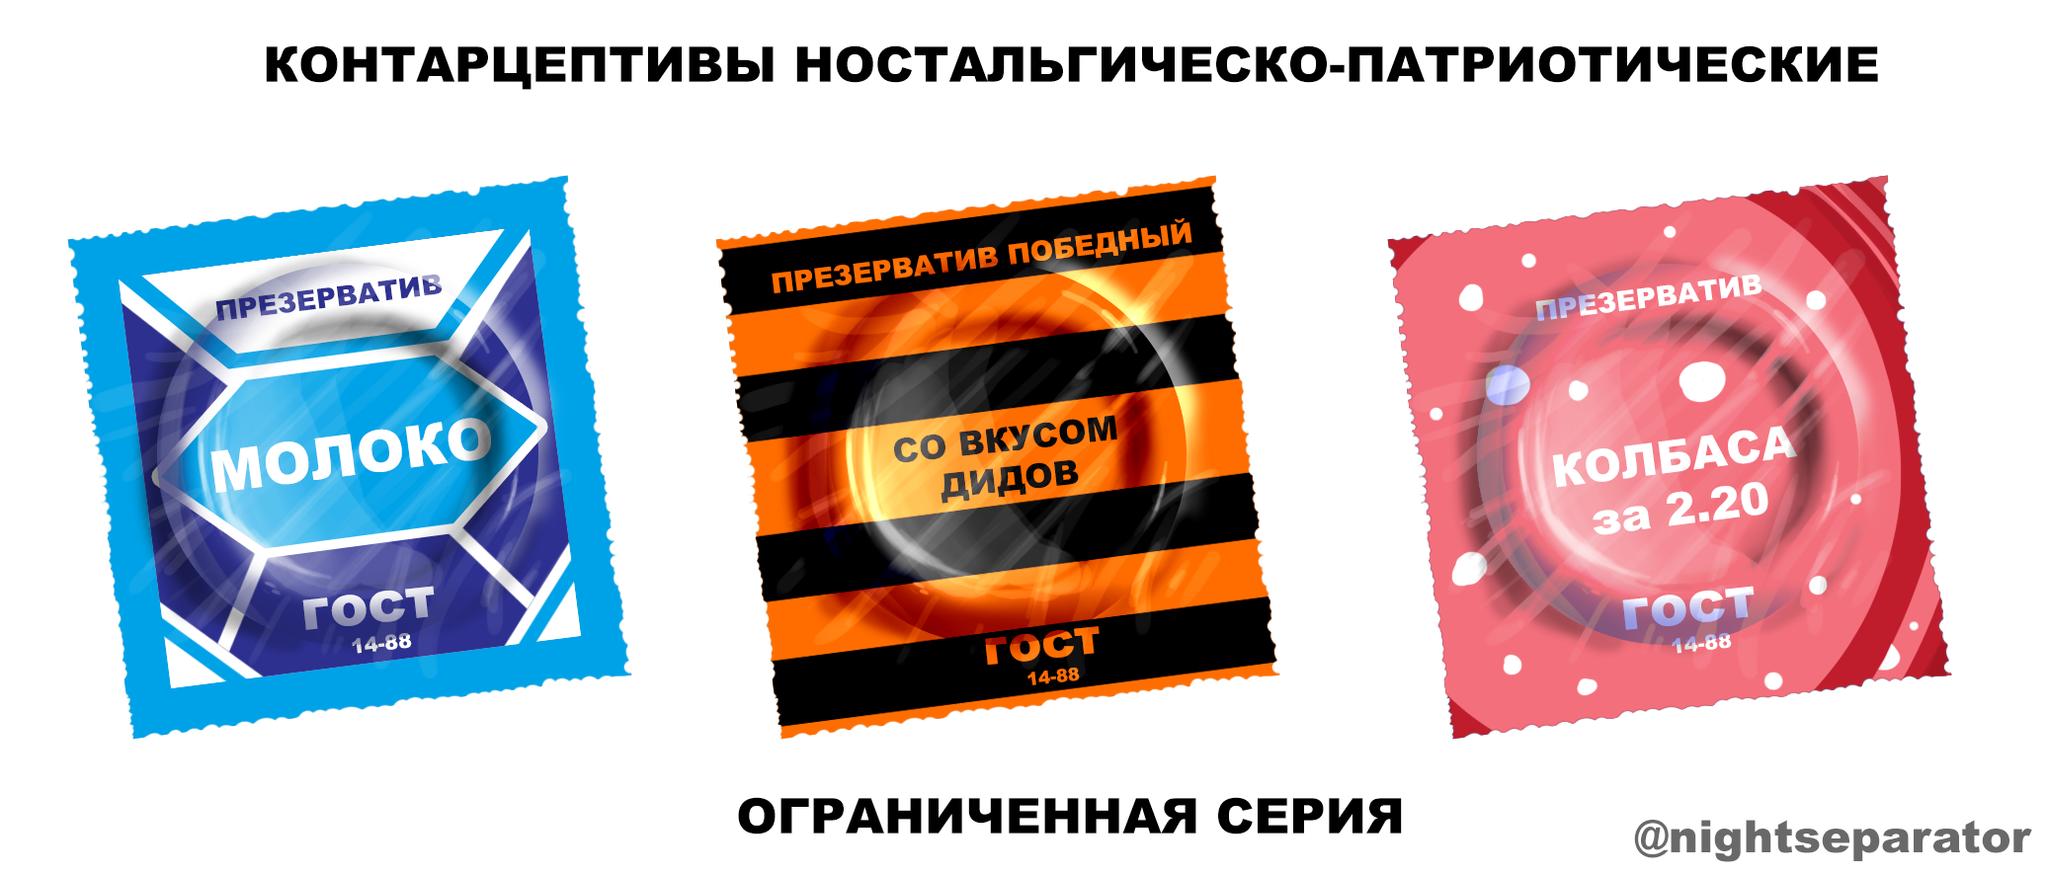 """""""Нельзя налоги изменять """"по-быстрому"""", - глава ГФС Насиров обещает налоговую реформу до октября - Цензор.НЕТ 7973"""